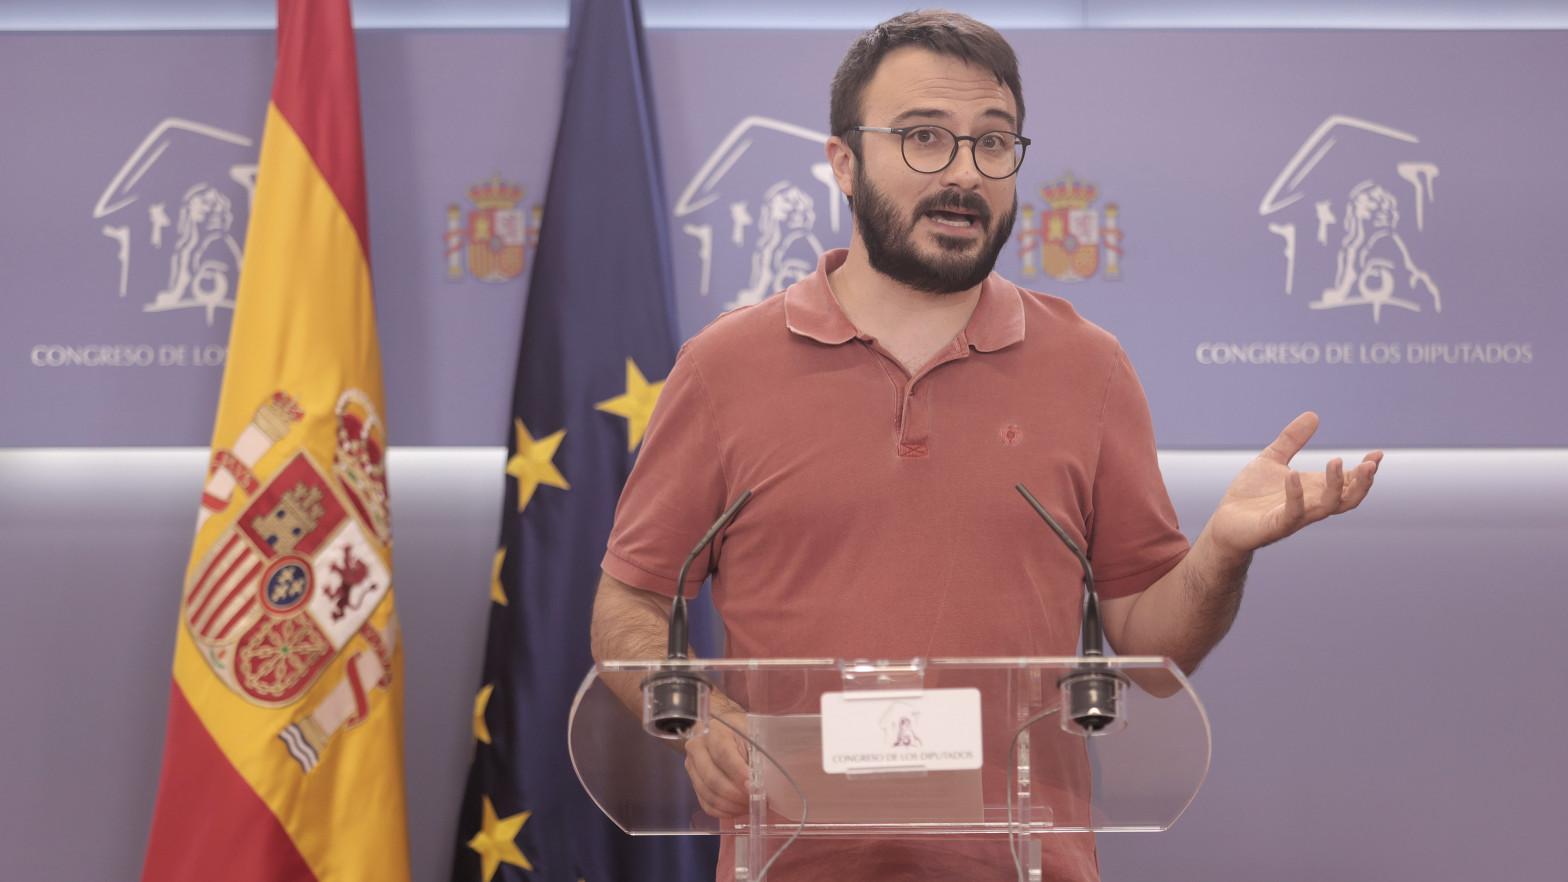 """La CUP carga contra Isabel Rodríguez por sus declaraciones sobre Cataluña y rechaza sus """"lecciones"""""""